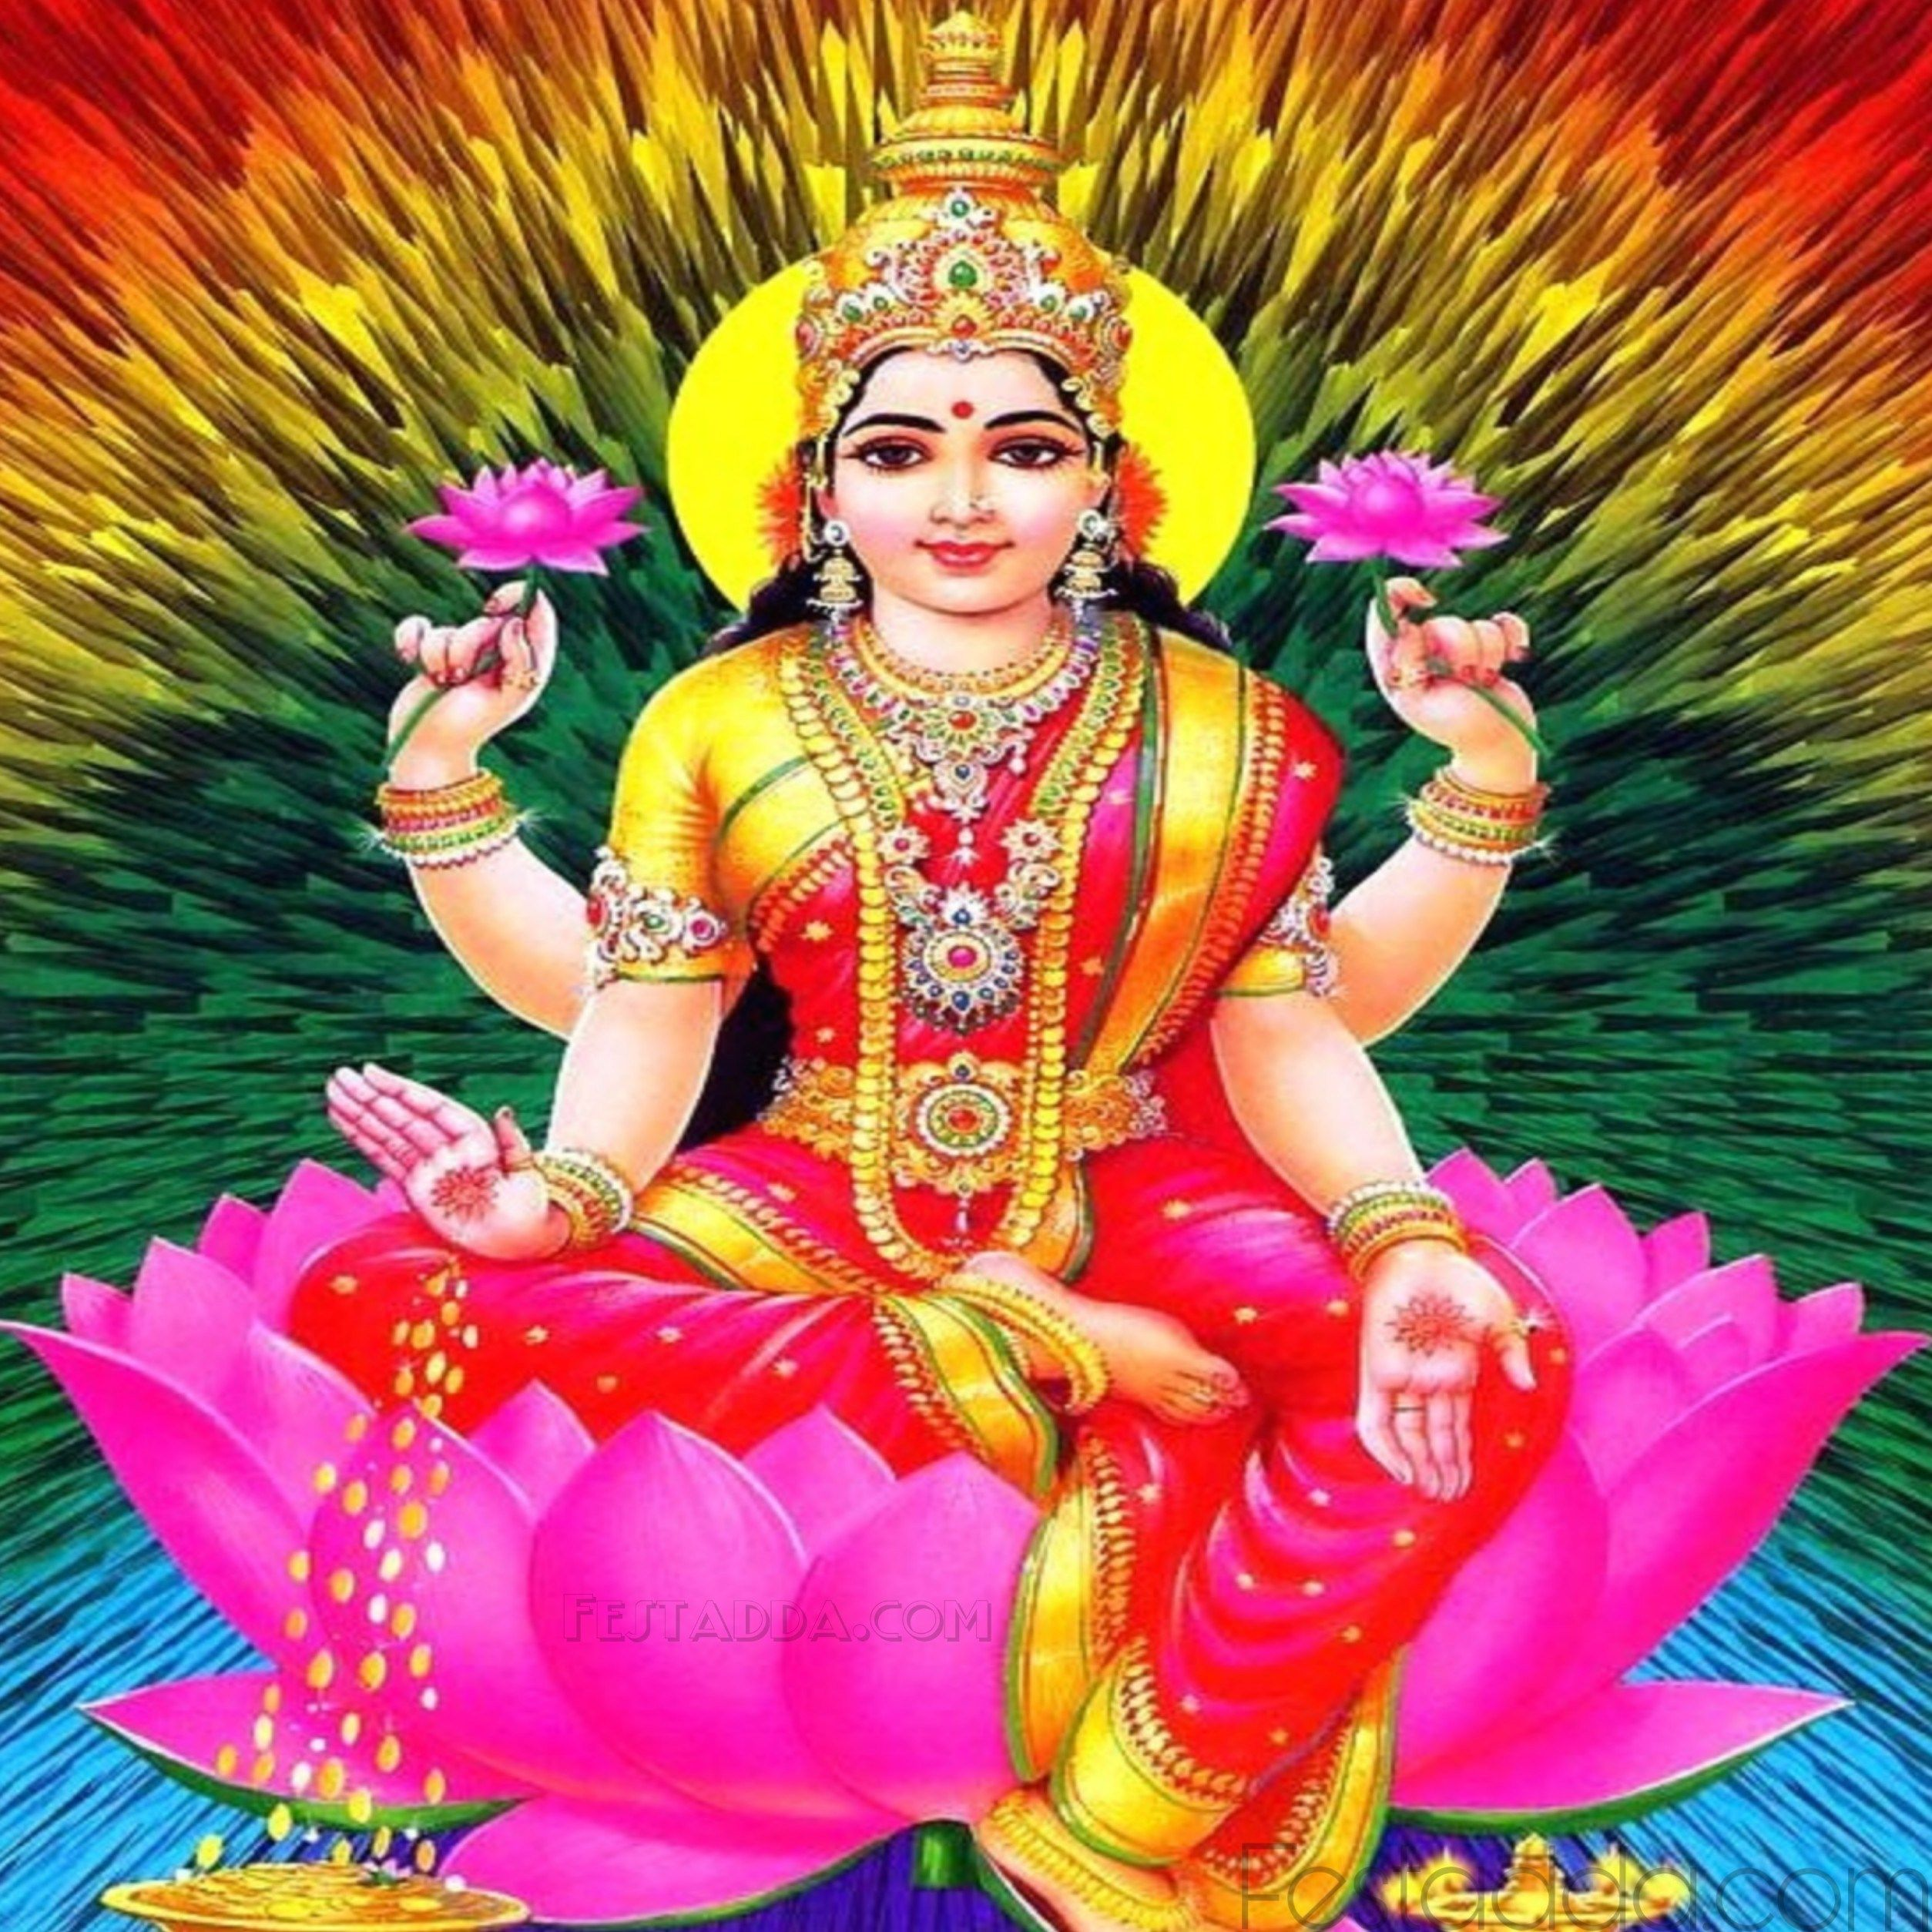 Varalakshmi Devi Wallpapers - Wallpaper Cave